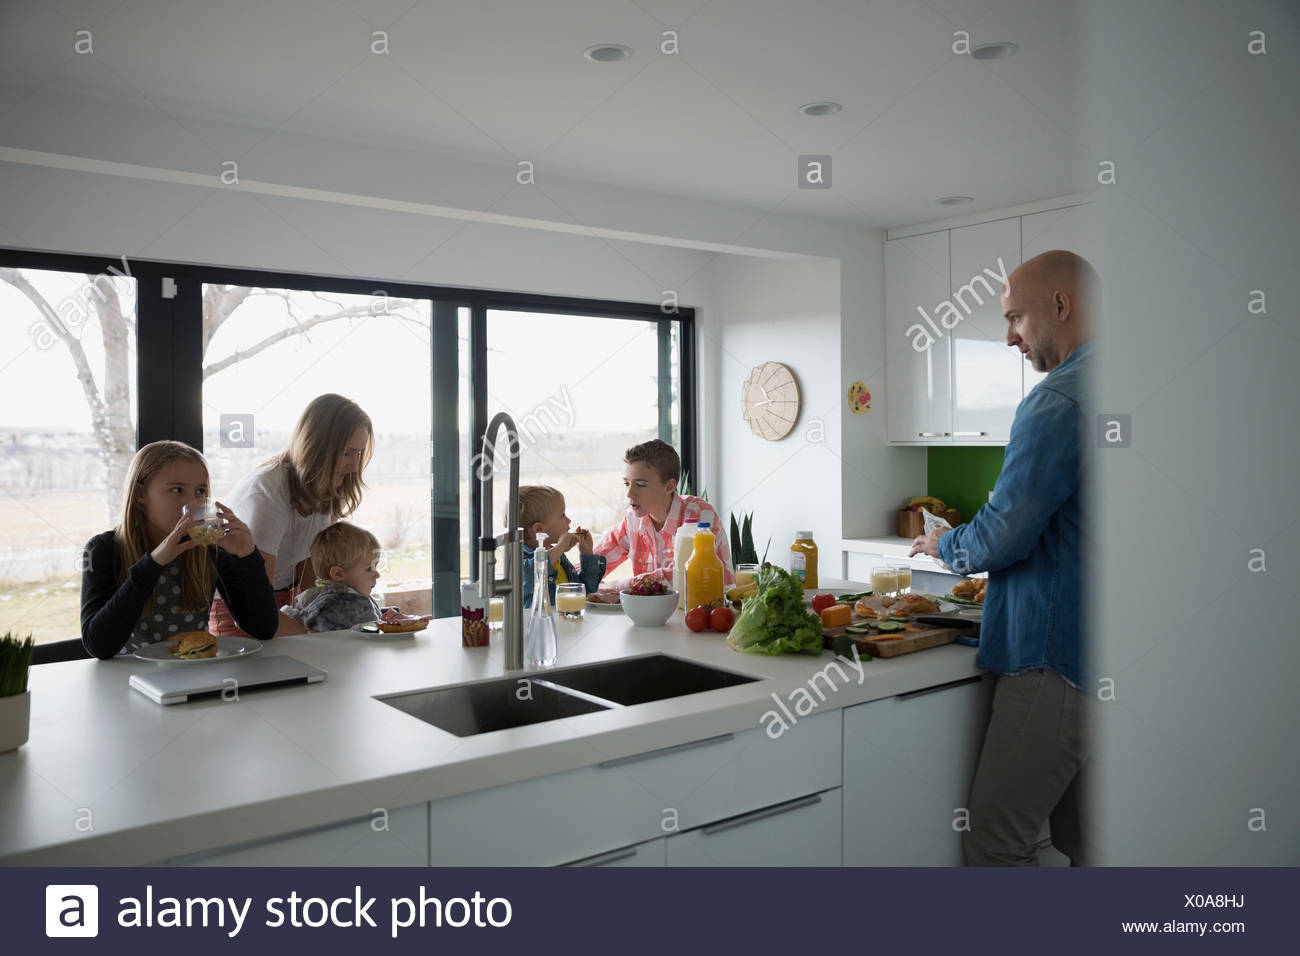 Berühmt Kücheninsel Essen Bilder - Küchen Design Ideen ...